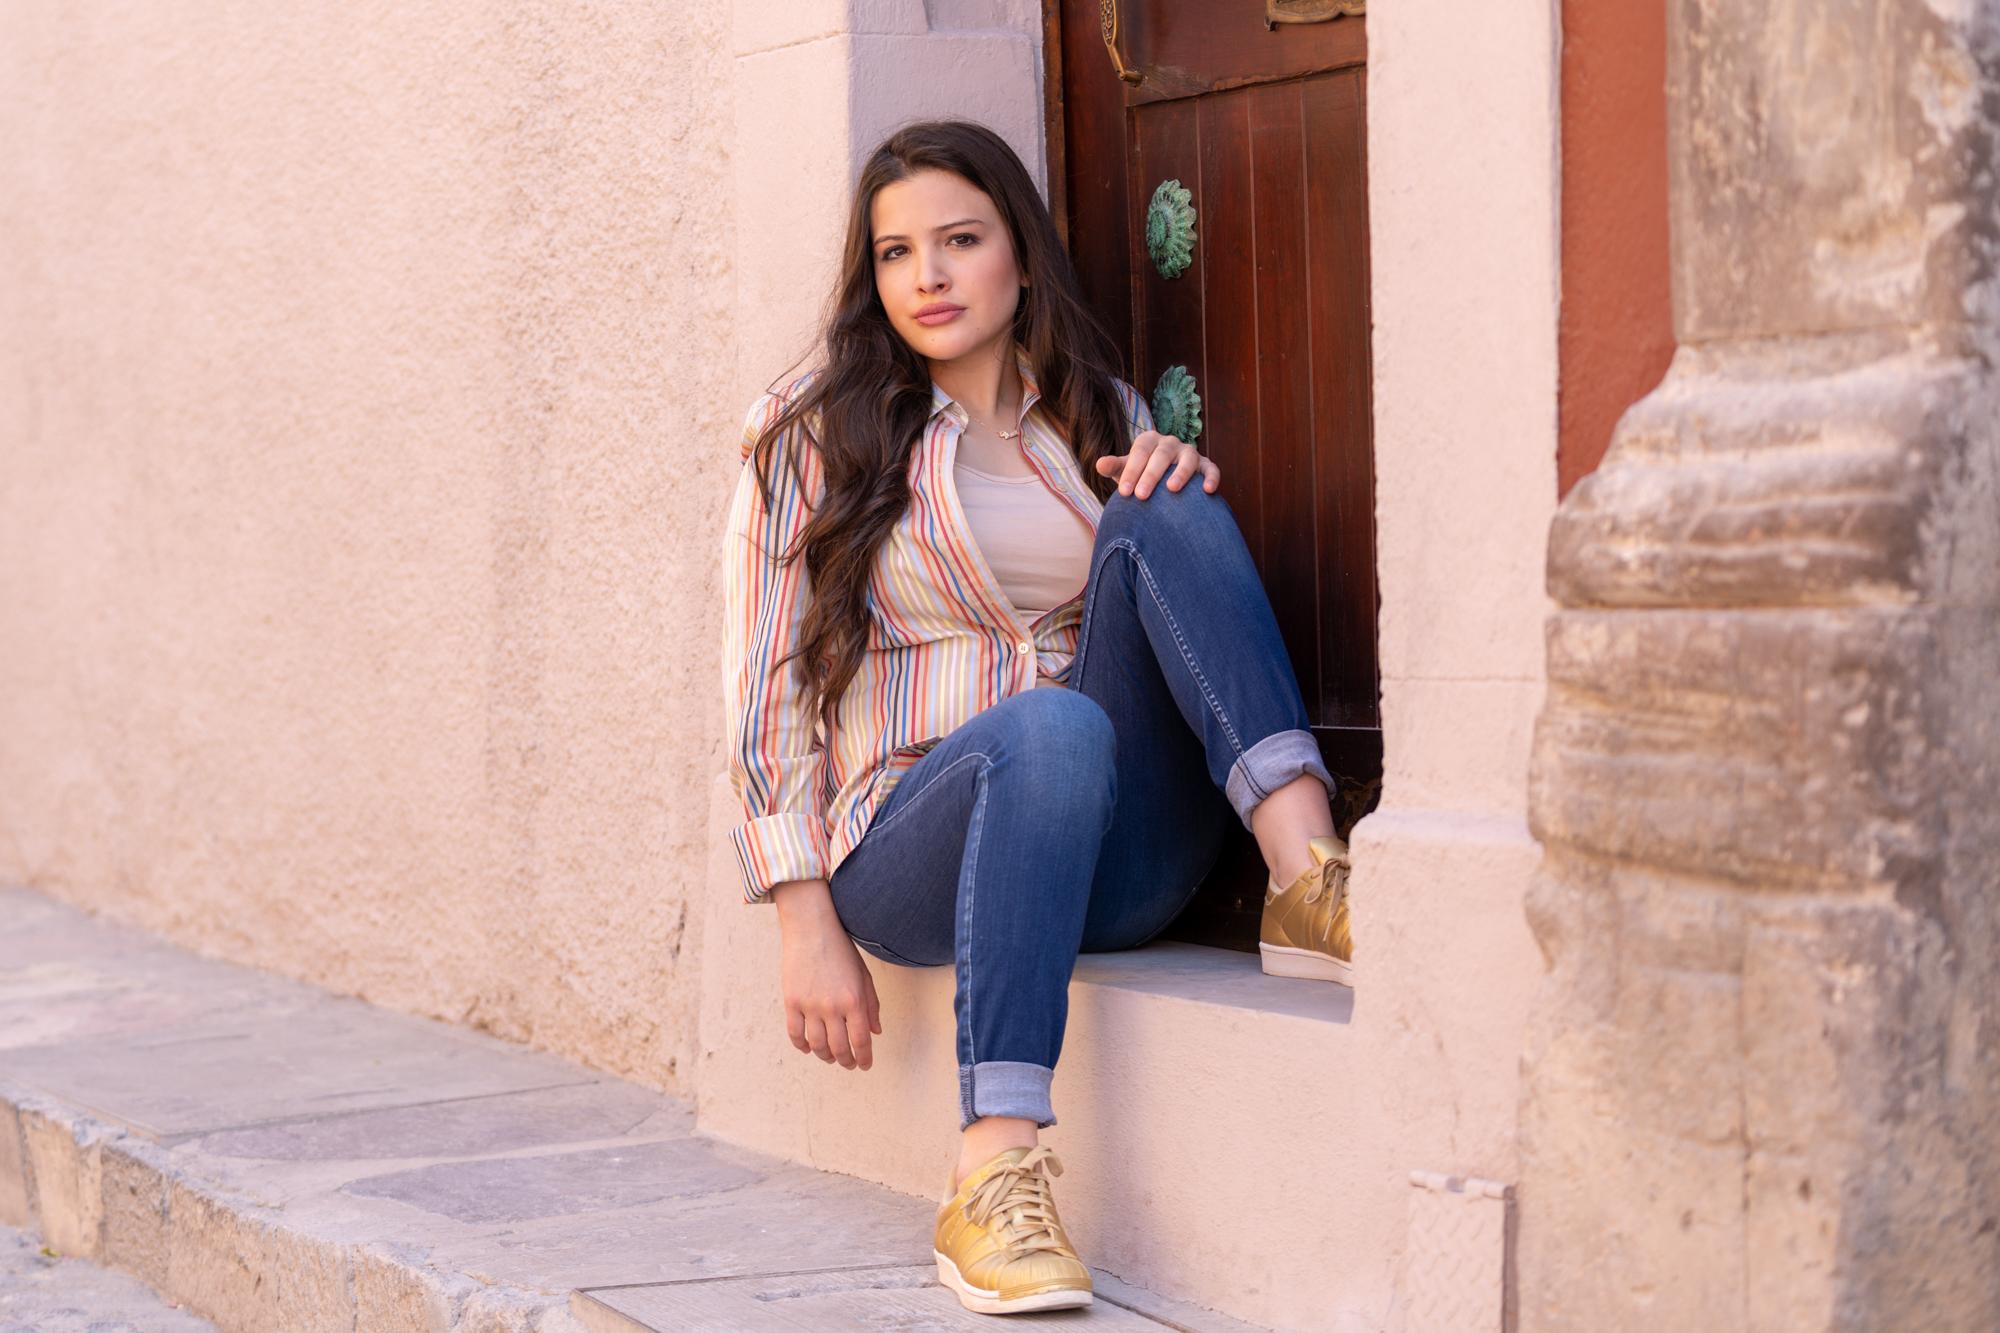 Sesion de Fotos en San Miguel de Allende con Rogelio y su Fmailia-40.jpg